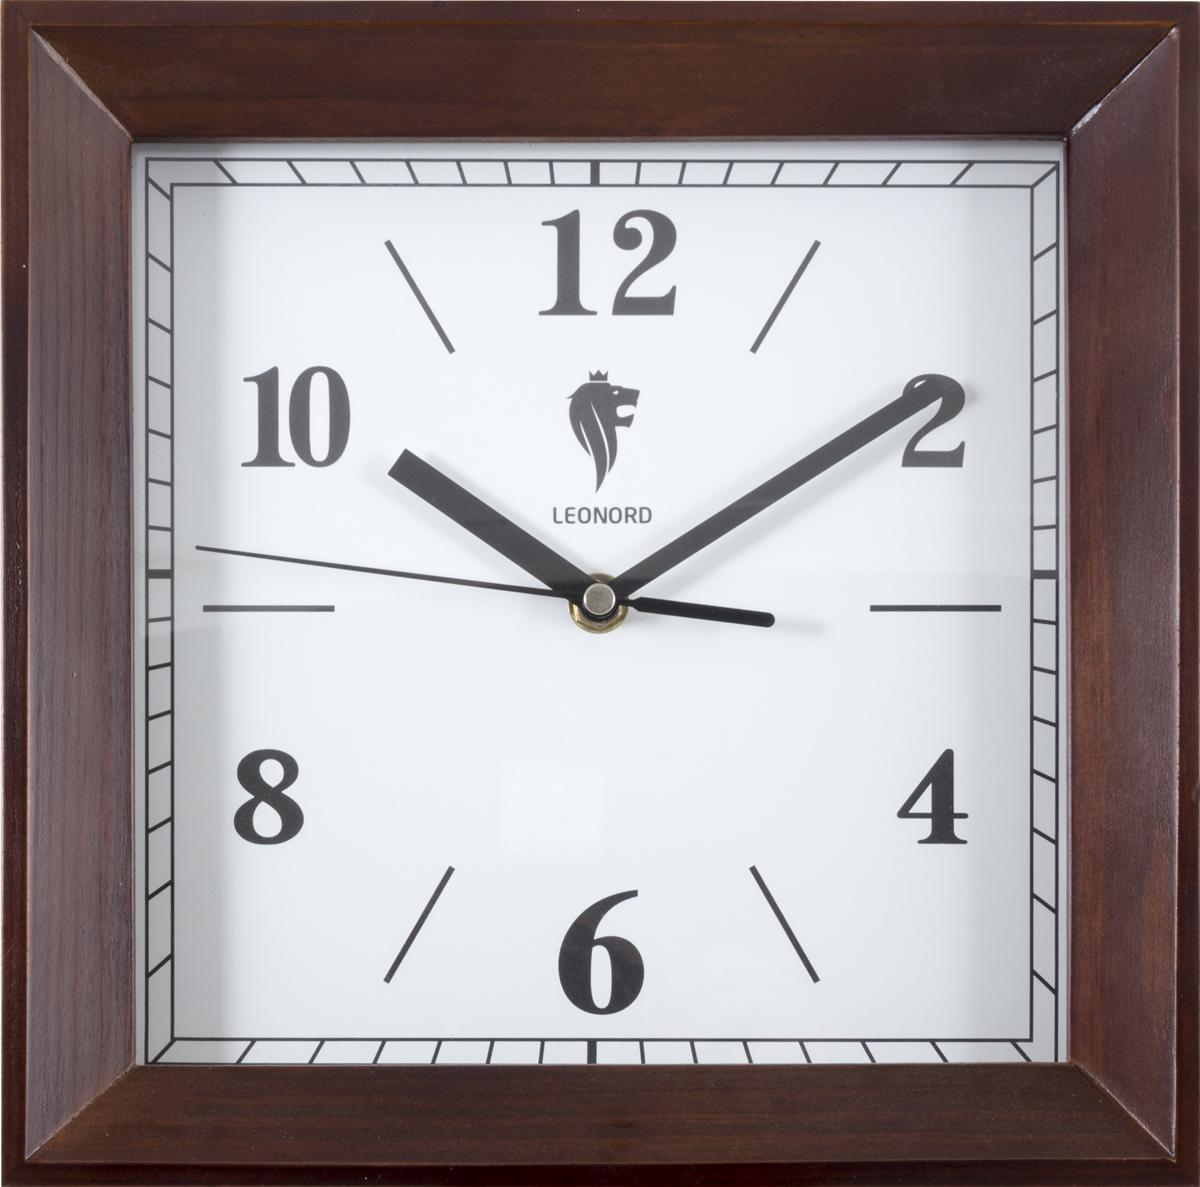 Настенные часы Leonord leonord терка leo gr 228b с контейнером и крышкой leonord черный